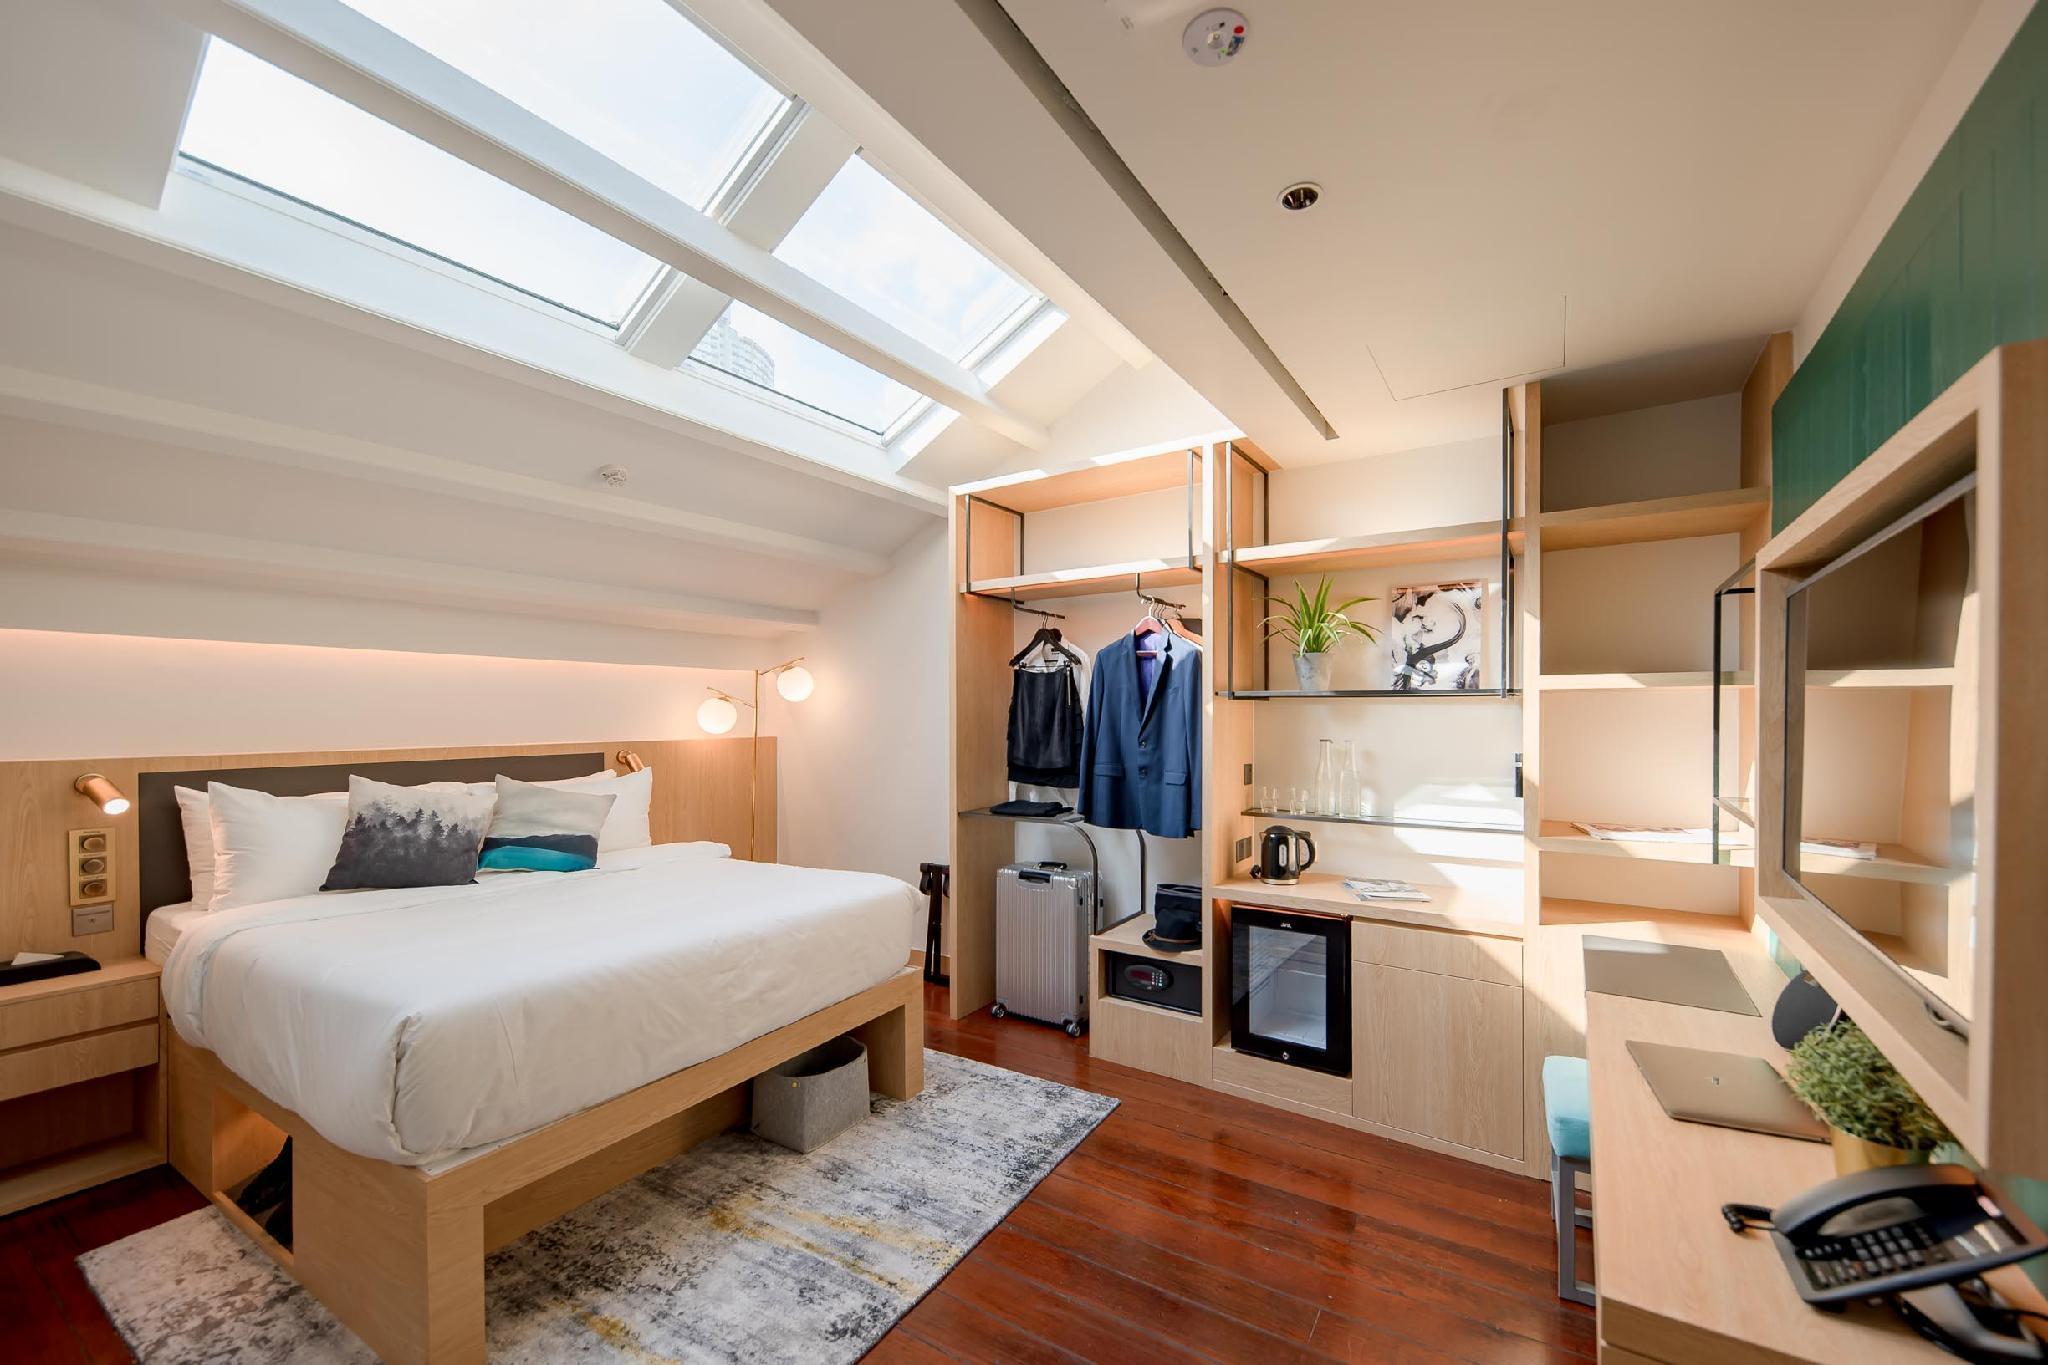 KeSa House Hotel (Singapore) - Deals, Photos & Reviews